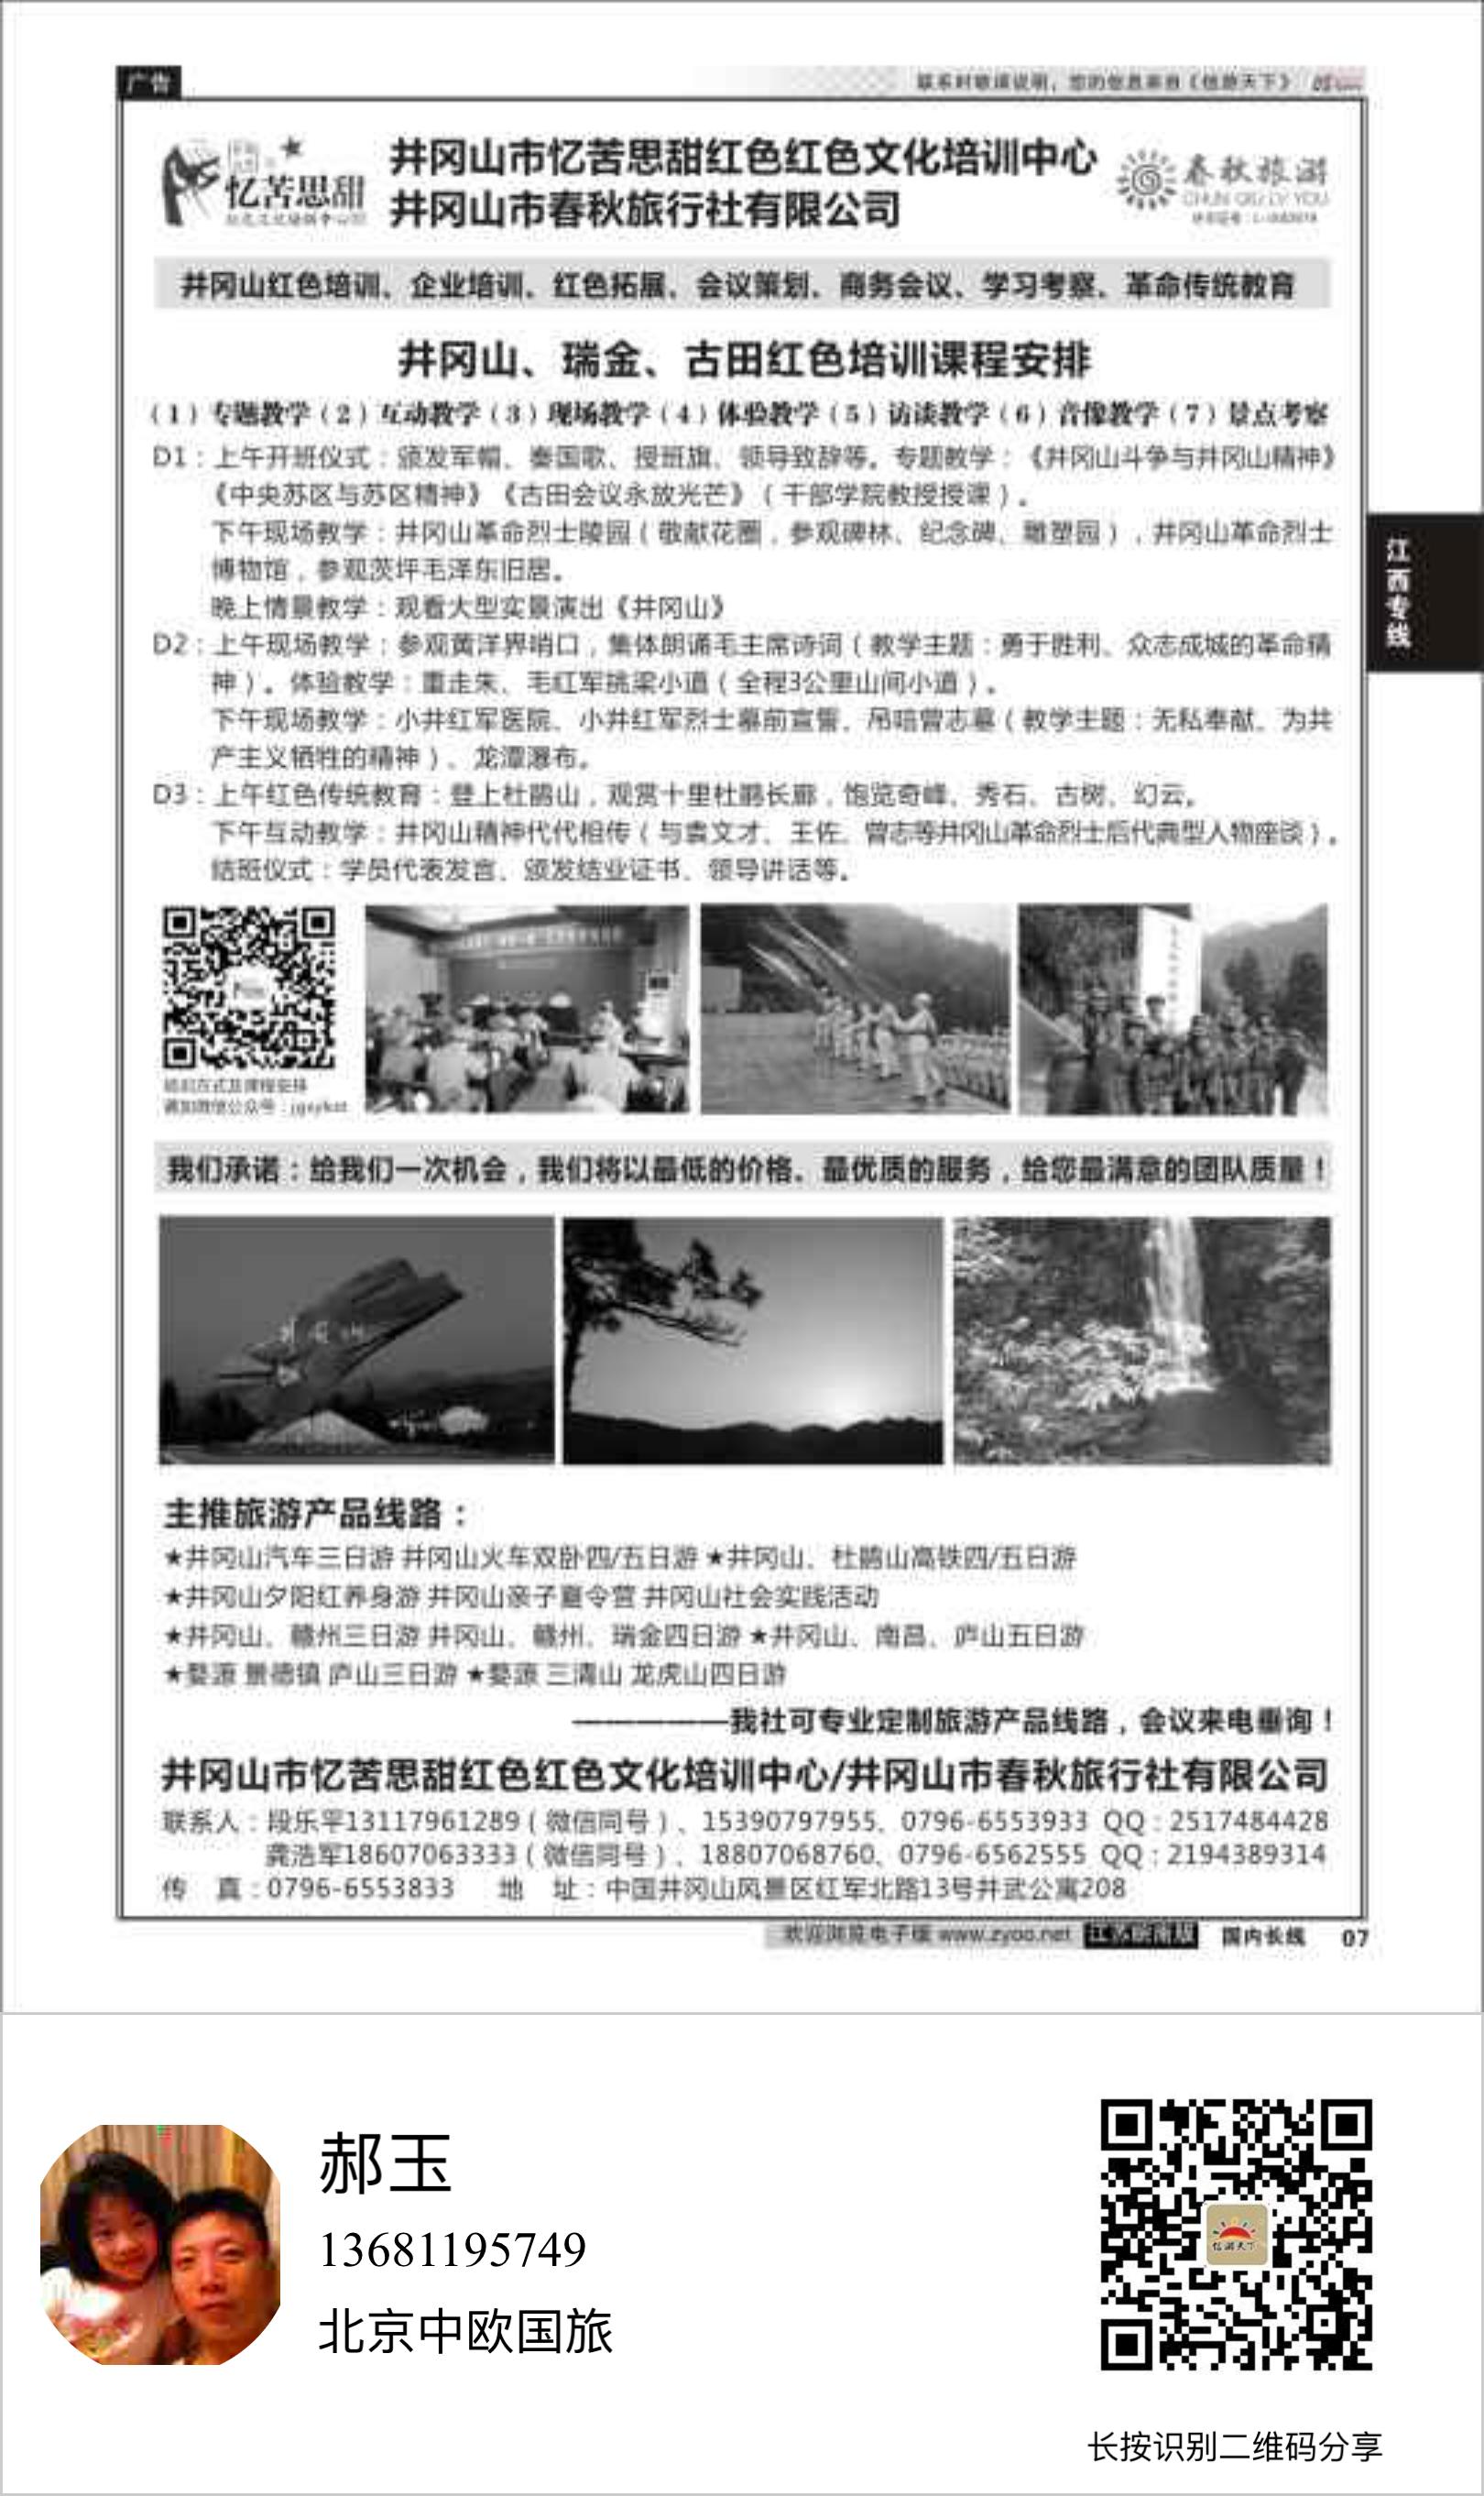 P07 井冈山市春秋旅行社有限公司 {10043} 江西专线